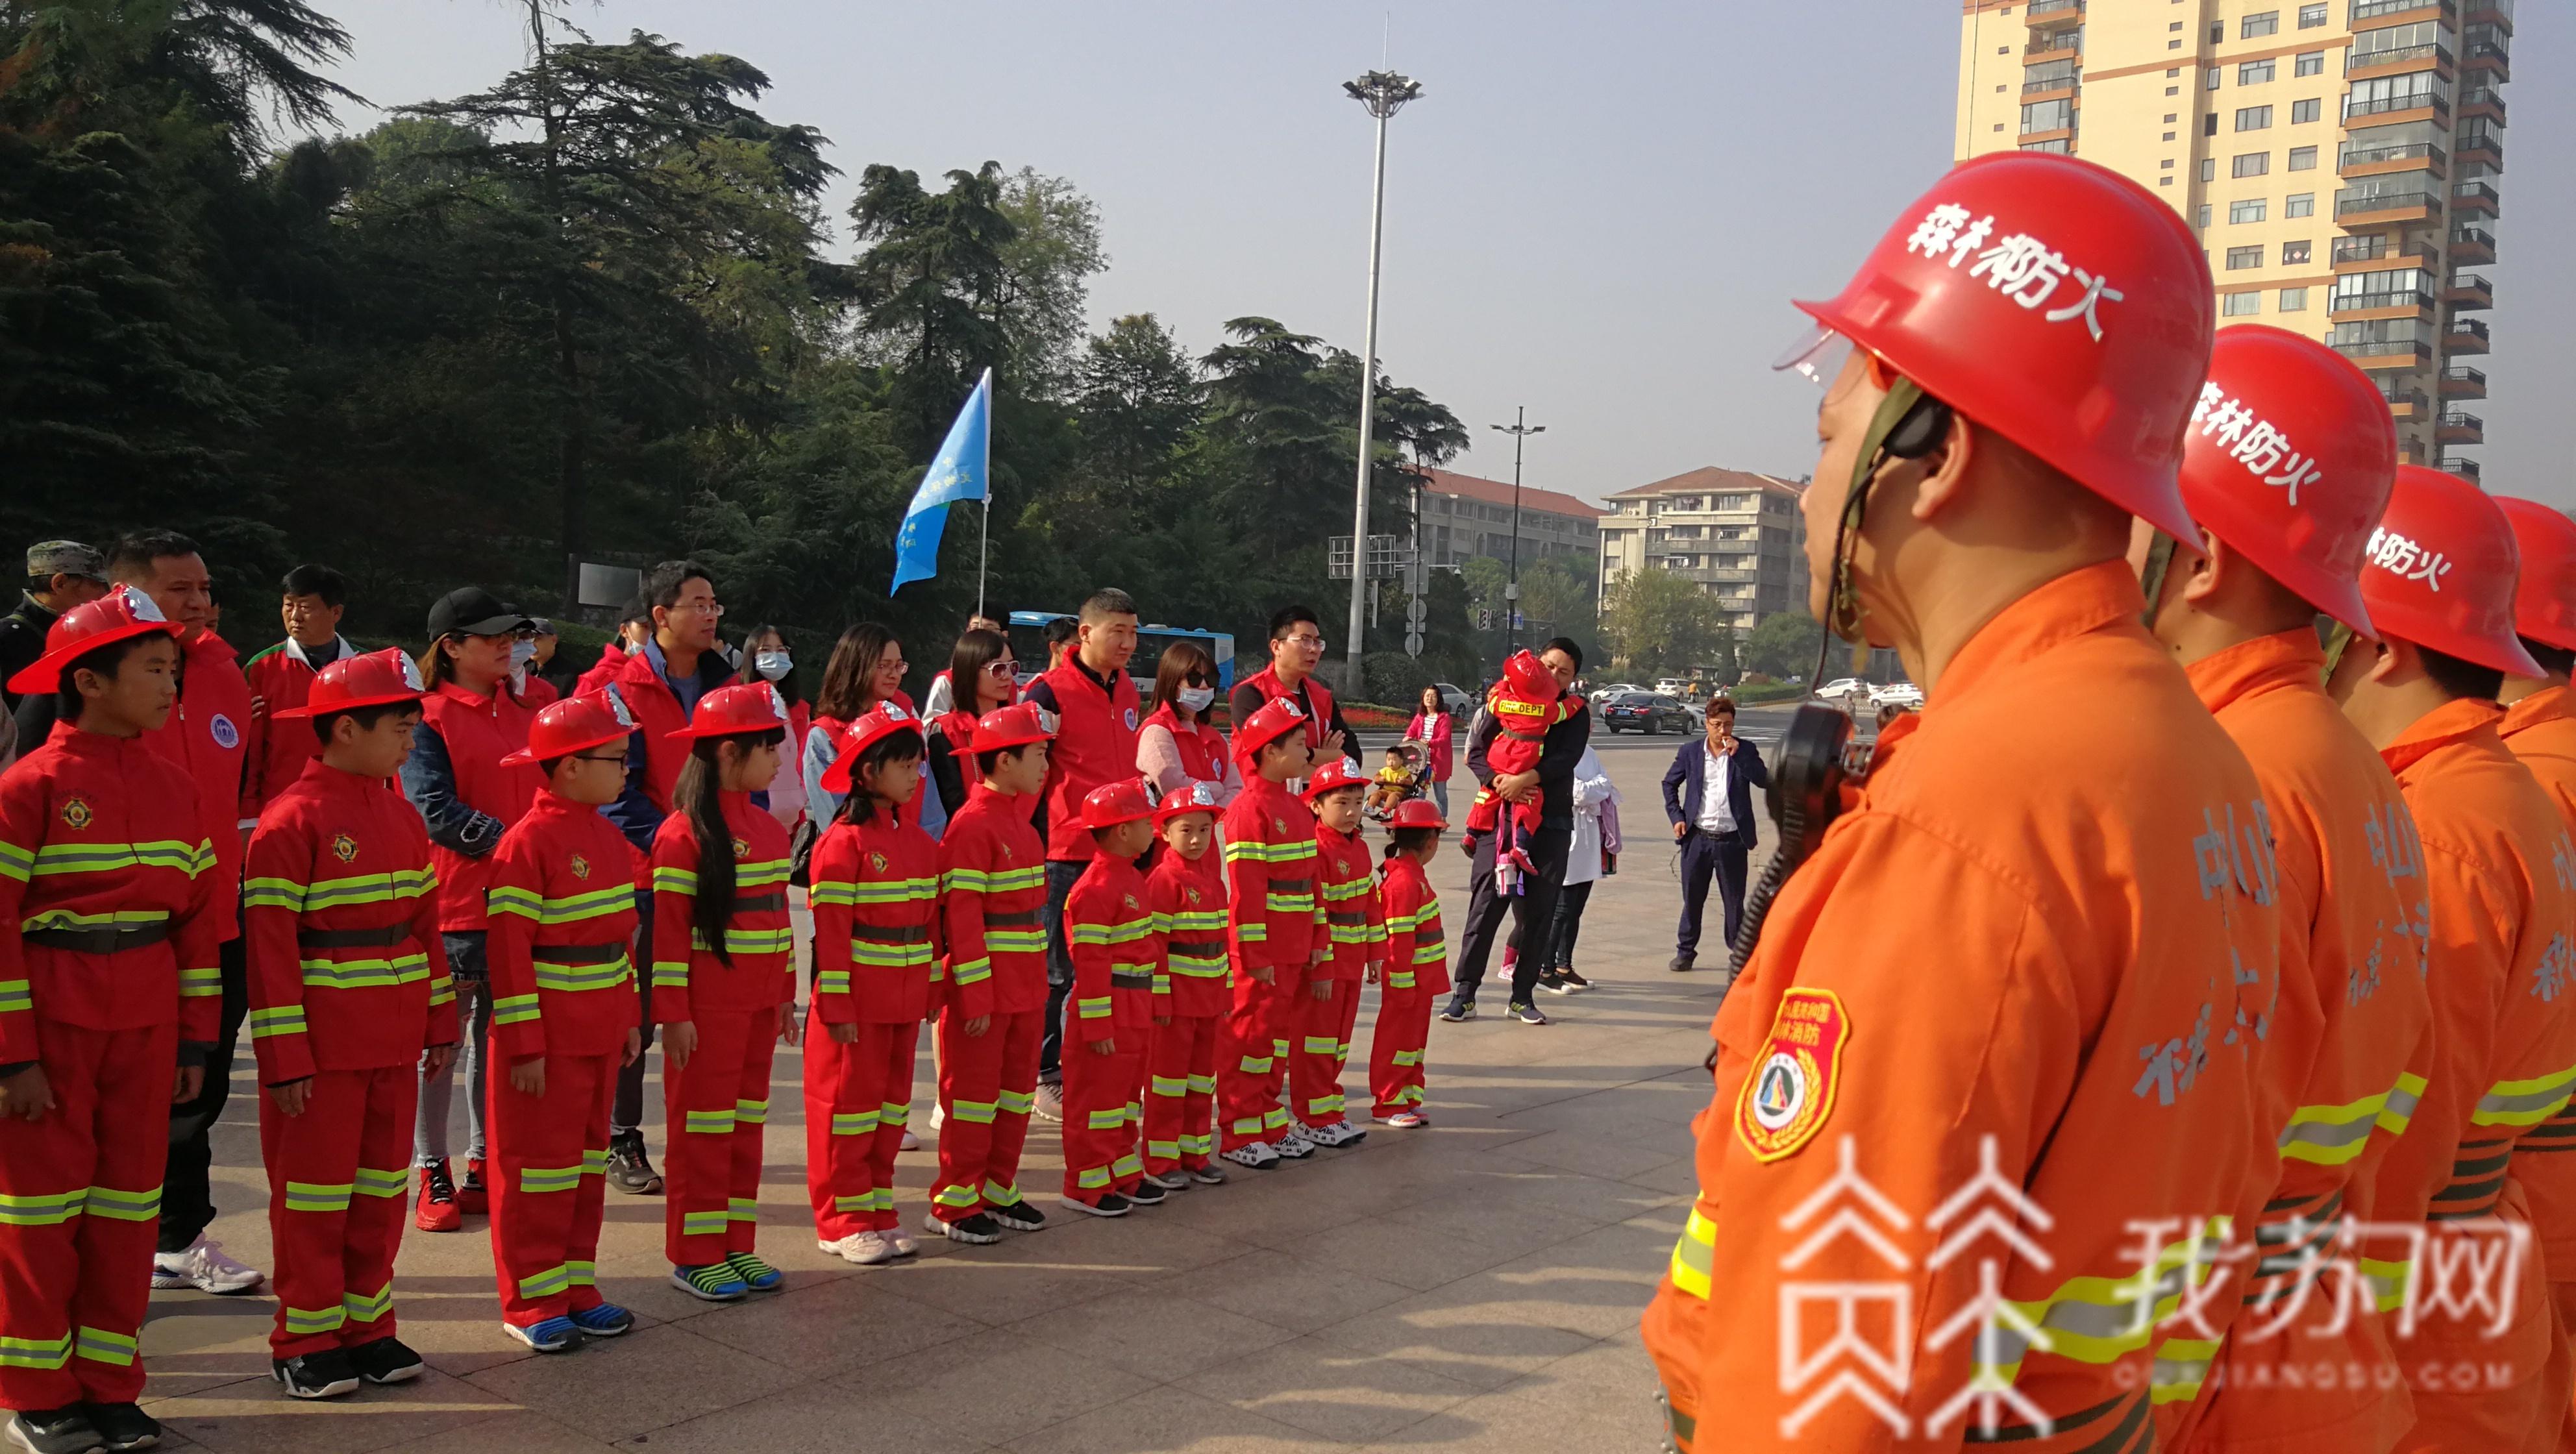 『森林』援鄂护士志愿者为森林防火代言 秋到紫金山